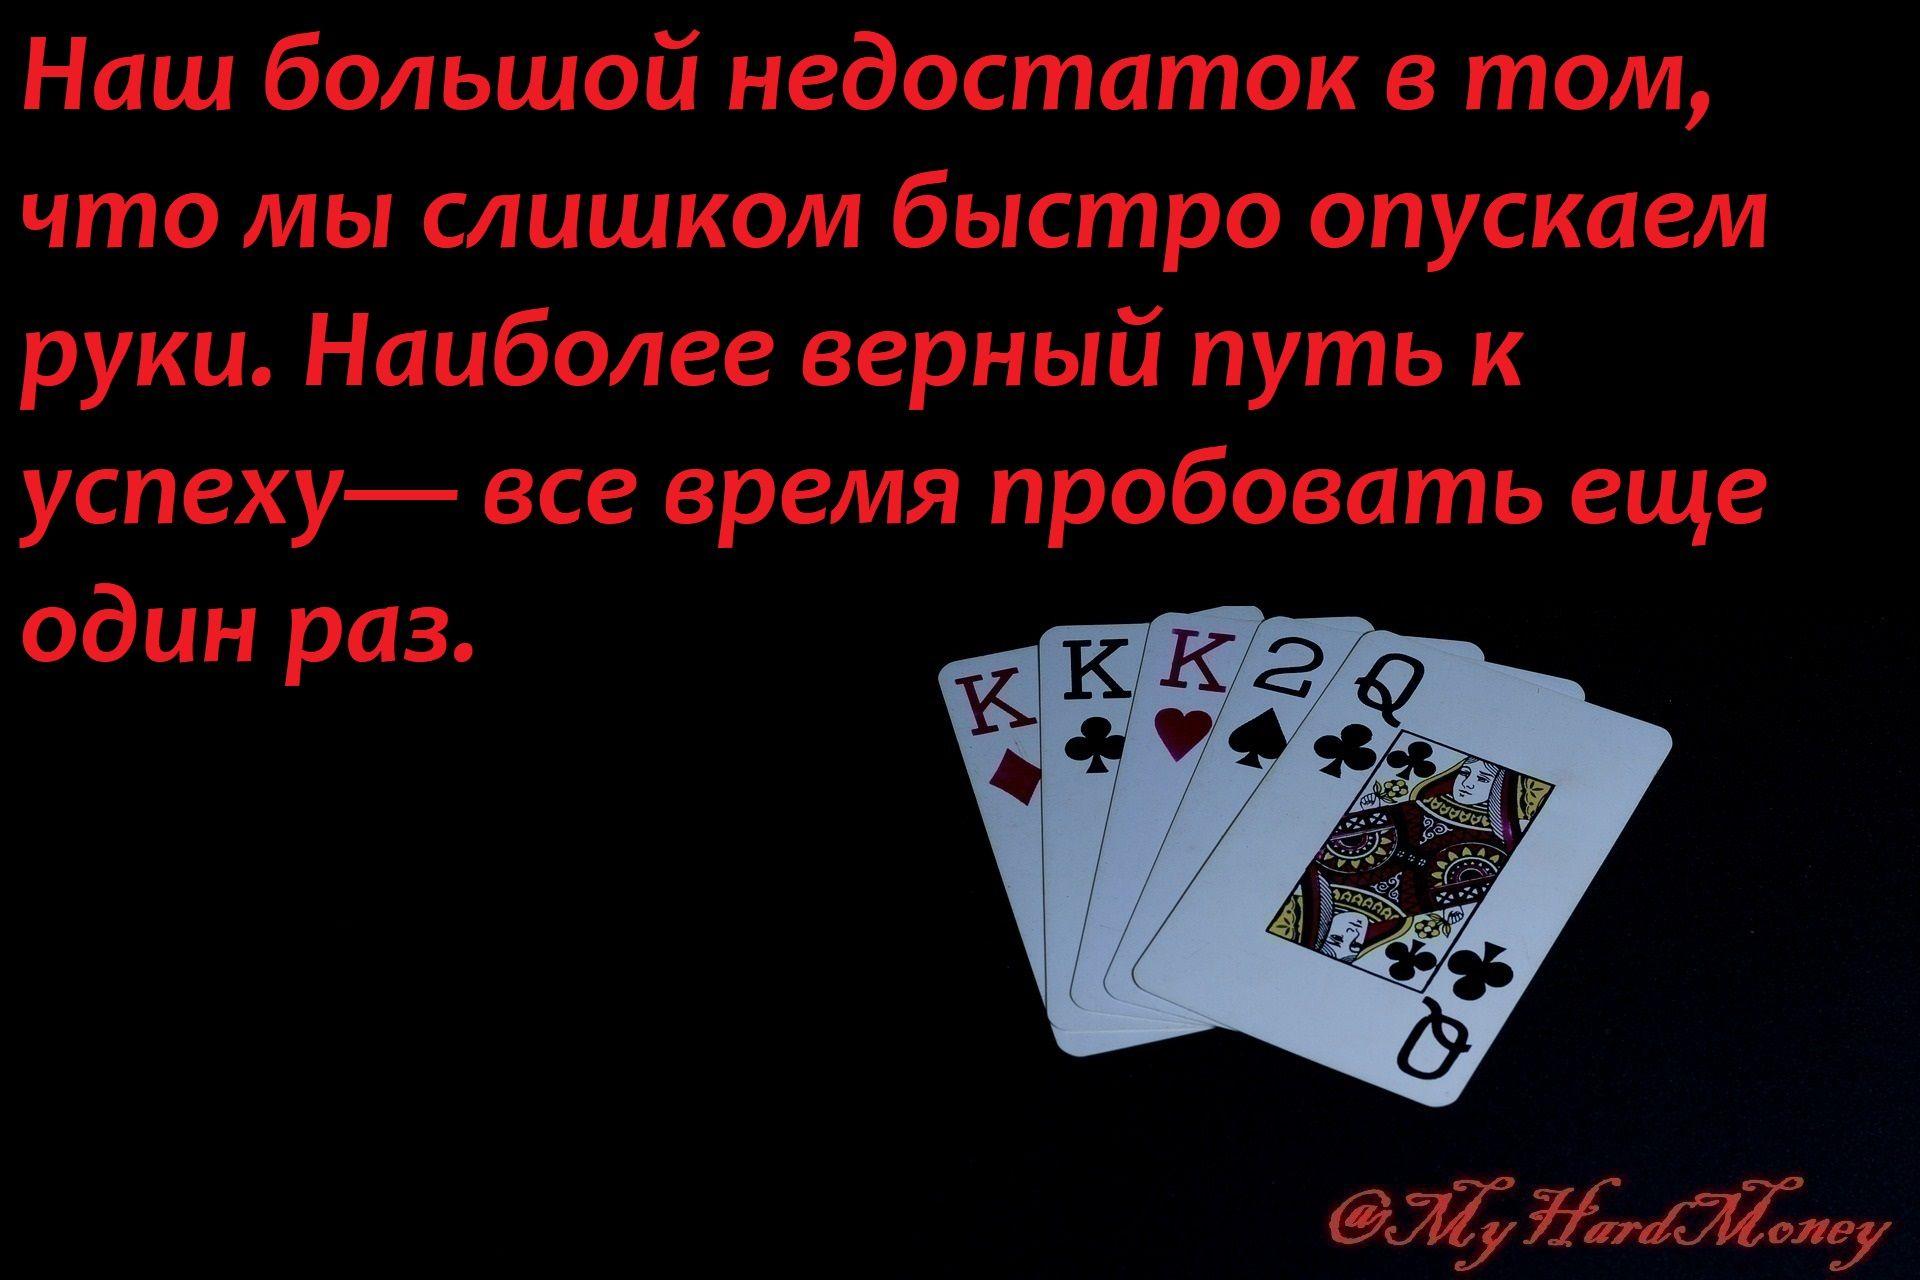 poker-2376676_1920 — копия.jpg